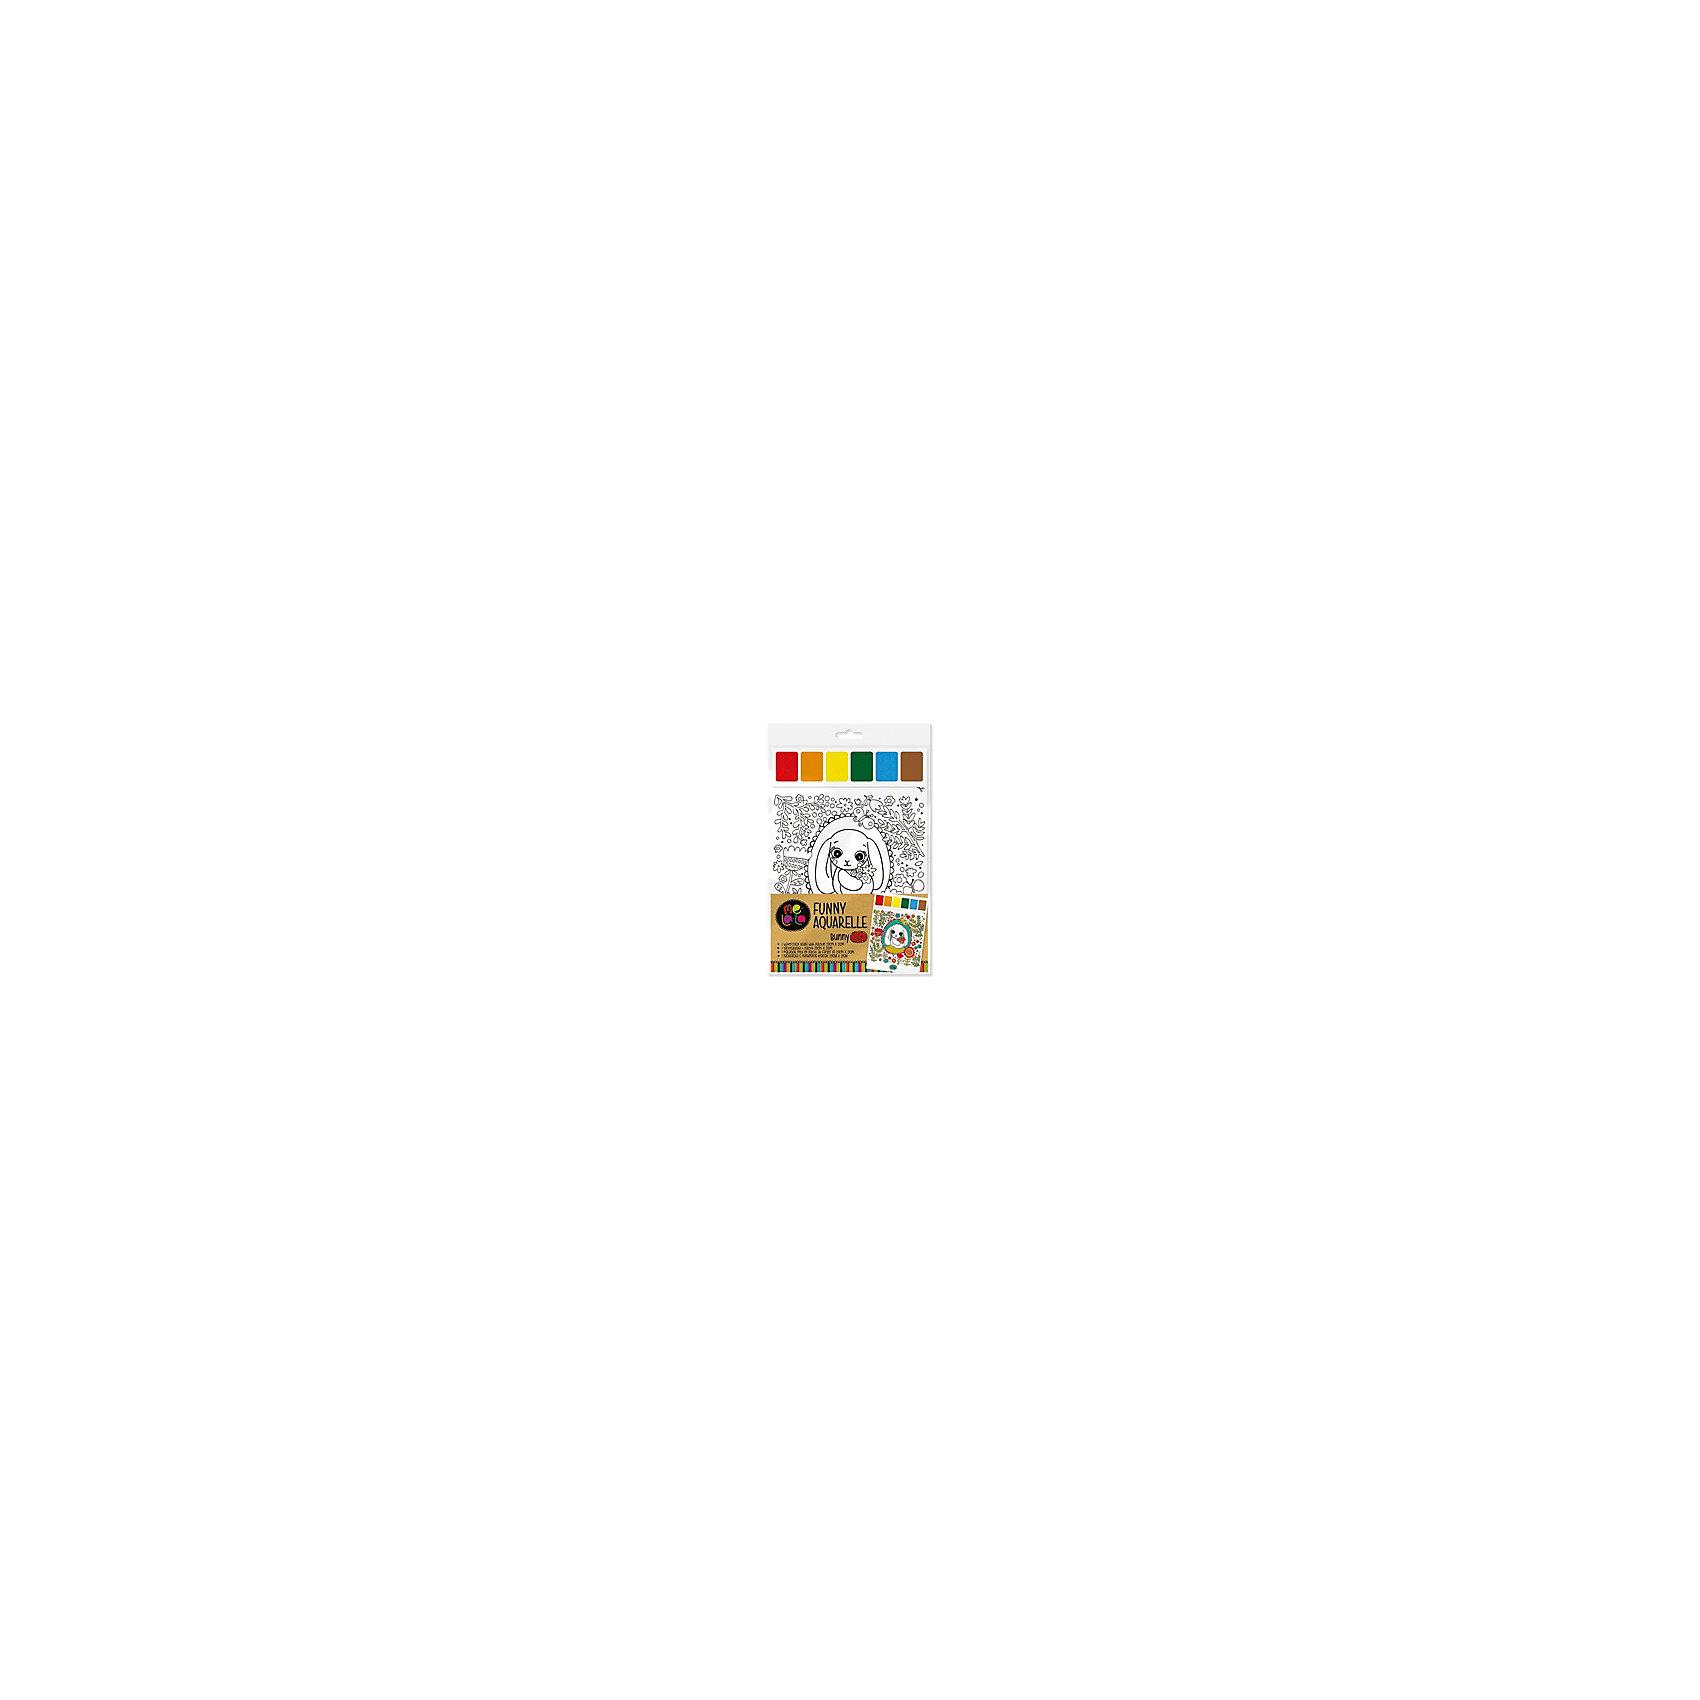 НабордляраскрашиванияакварельюЗайкаLilyВсё для праздника<br>Набор для раскрашивания акварелью Зайка Lily - это увлекательный набор для творчества.<br>С помощью набора для раскрашивания акварелью Зайка Lily ваш малыш  создаст яркую картину с портретом милого зайчика с букетом цветов на фоне зеленых веточек, бабочек и красивых фантазийный цветов. Ребенок получит истинное удовольствие от погружения в процесс творчества, а созданная им картина, украсит интерьер дома или станет прекрасным подарком. Набор для раскрашивания Зайка Lily прекрасно развивает художественный вкус, аккуратность и внимание. Набор удобно брать с собой в дорогу, он не займет много места, все что вам потребуется – это немного воды и кисточка.<br><br>Дополнительная информация:<br><br>- В наборе: картинка для раскрашивания с палитрой красок (29х21 см)<br>- Количество красок: 6<br>- Материал: бумага<br>- Размер упаковки: 32,5х21 см.<br><br>Набор для раскрашивания акварелью Зайка Lily можно купить в нашем интернет-магазине.<br><br>Ширина мм: 210<br>Глубина мм: 3<br>Высота мм: 325<br>Вес г: 17<br>Возраст от месяцев: 36<br>Возраст до месяцев: 84<br>Пол: Унисекс<br>Возраст: Детский<br>SKU: 4623195